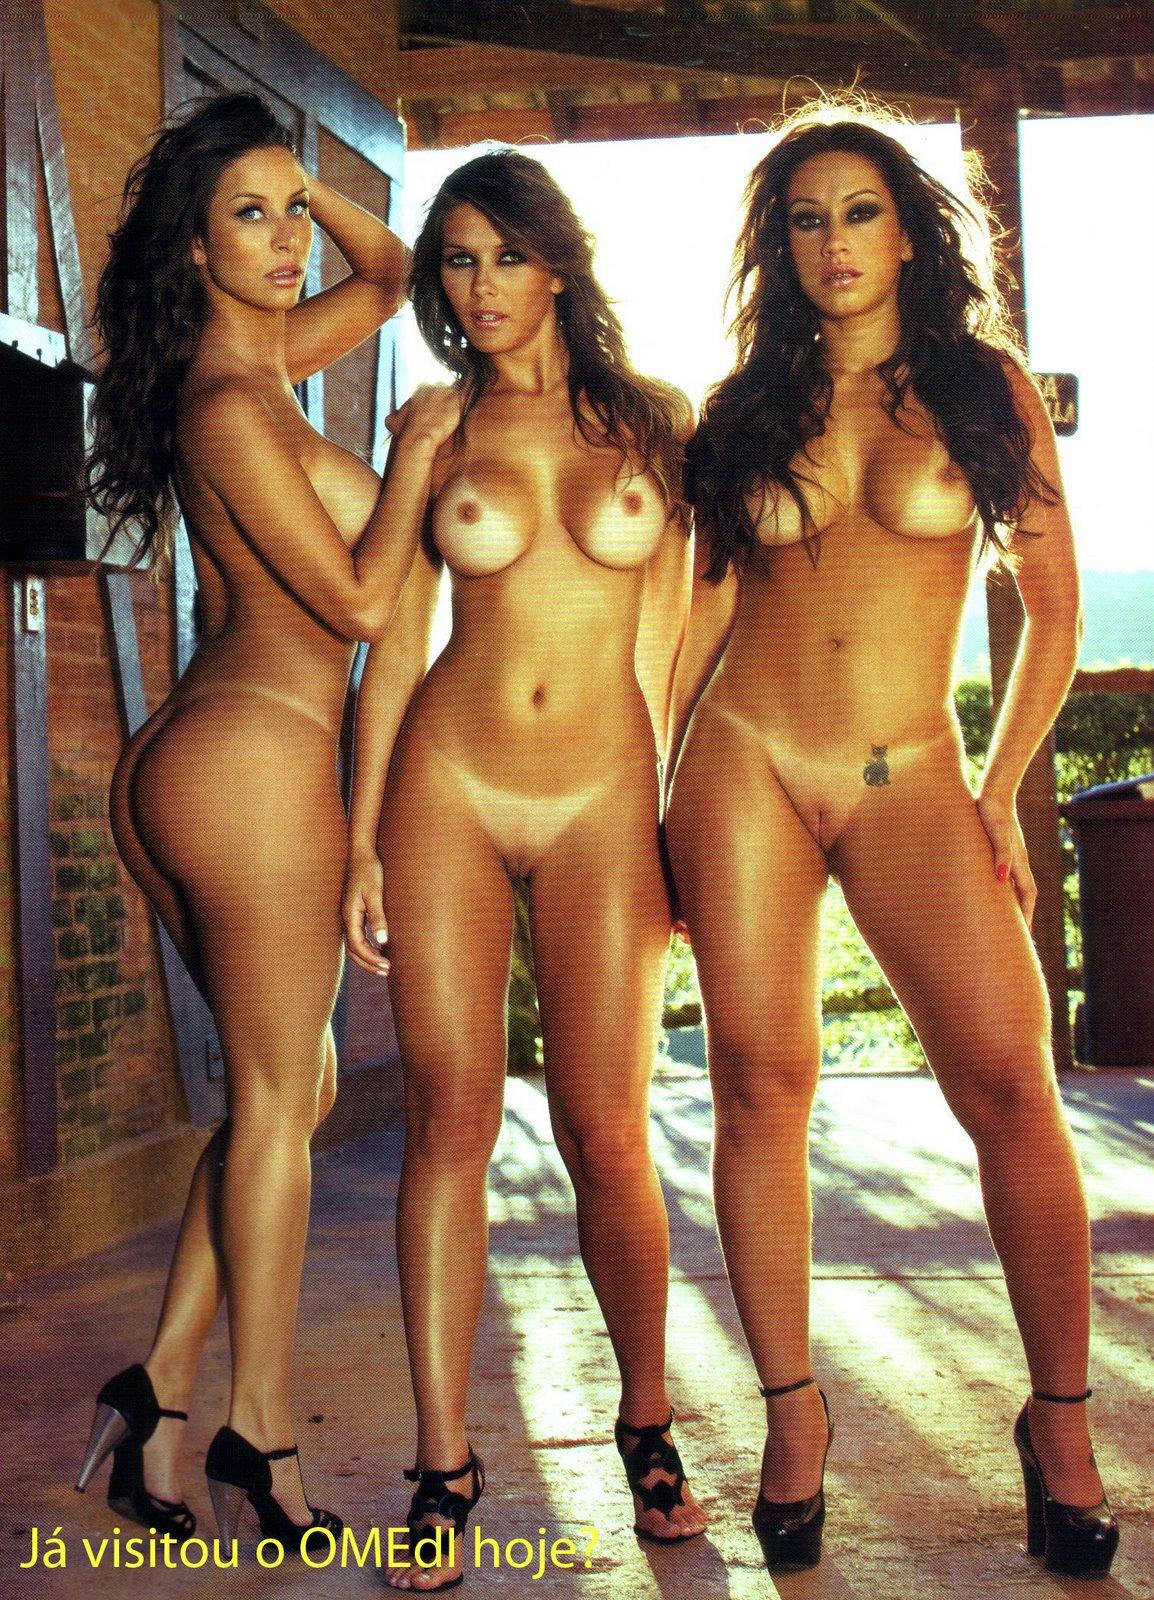 Las mejores fotos del topless en Ipanema Brasil -